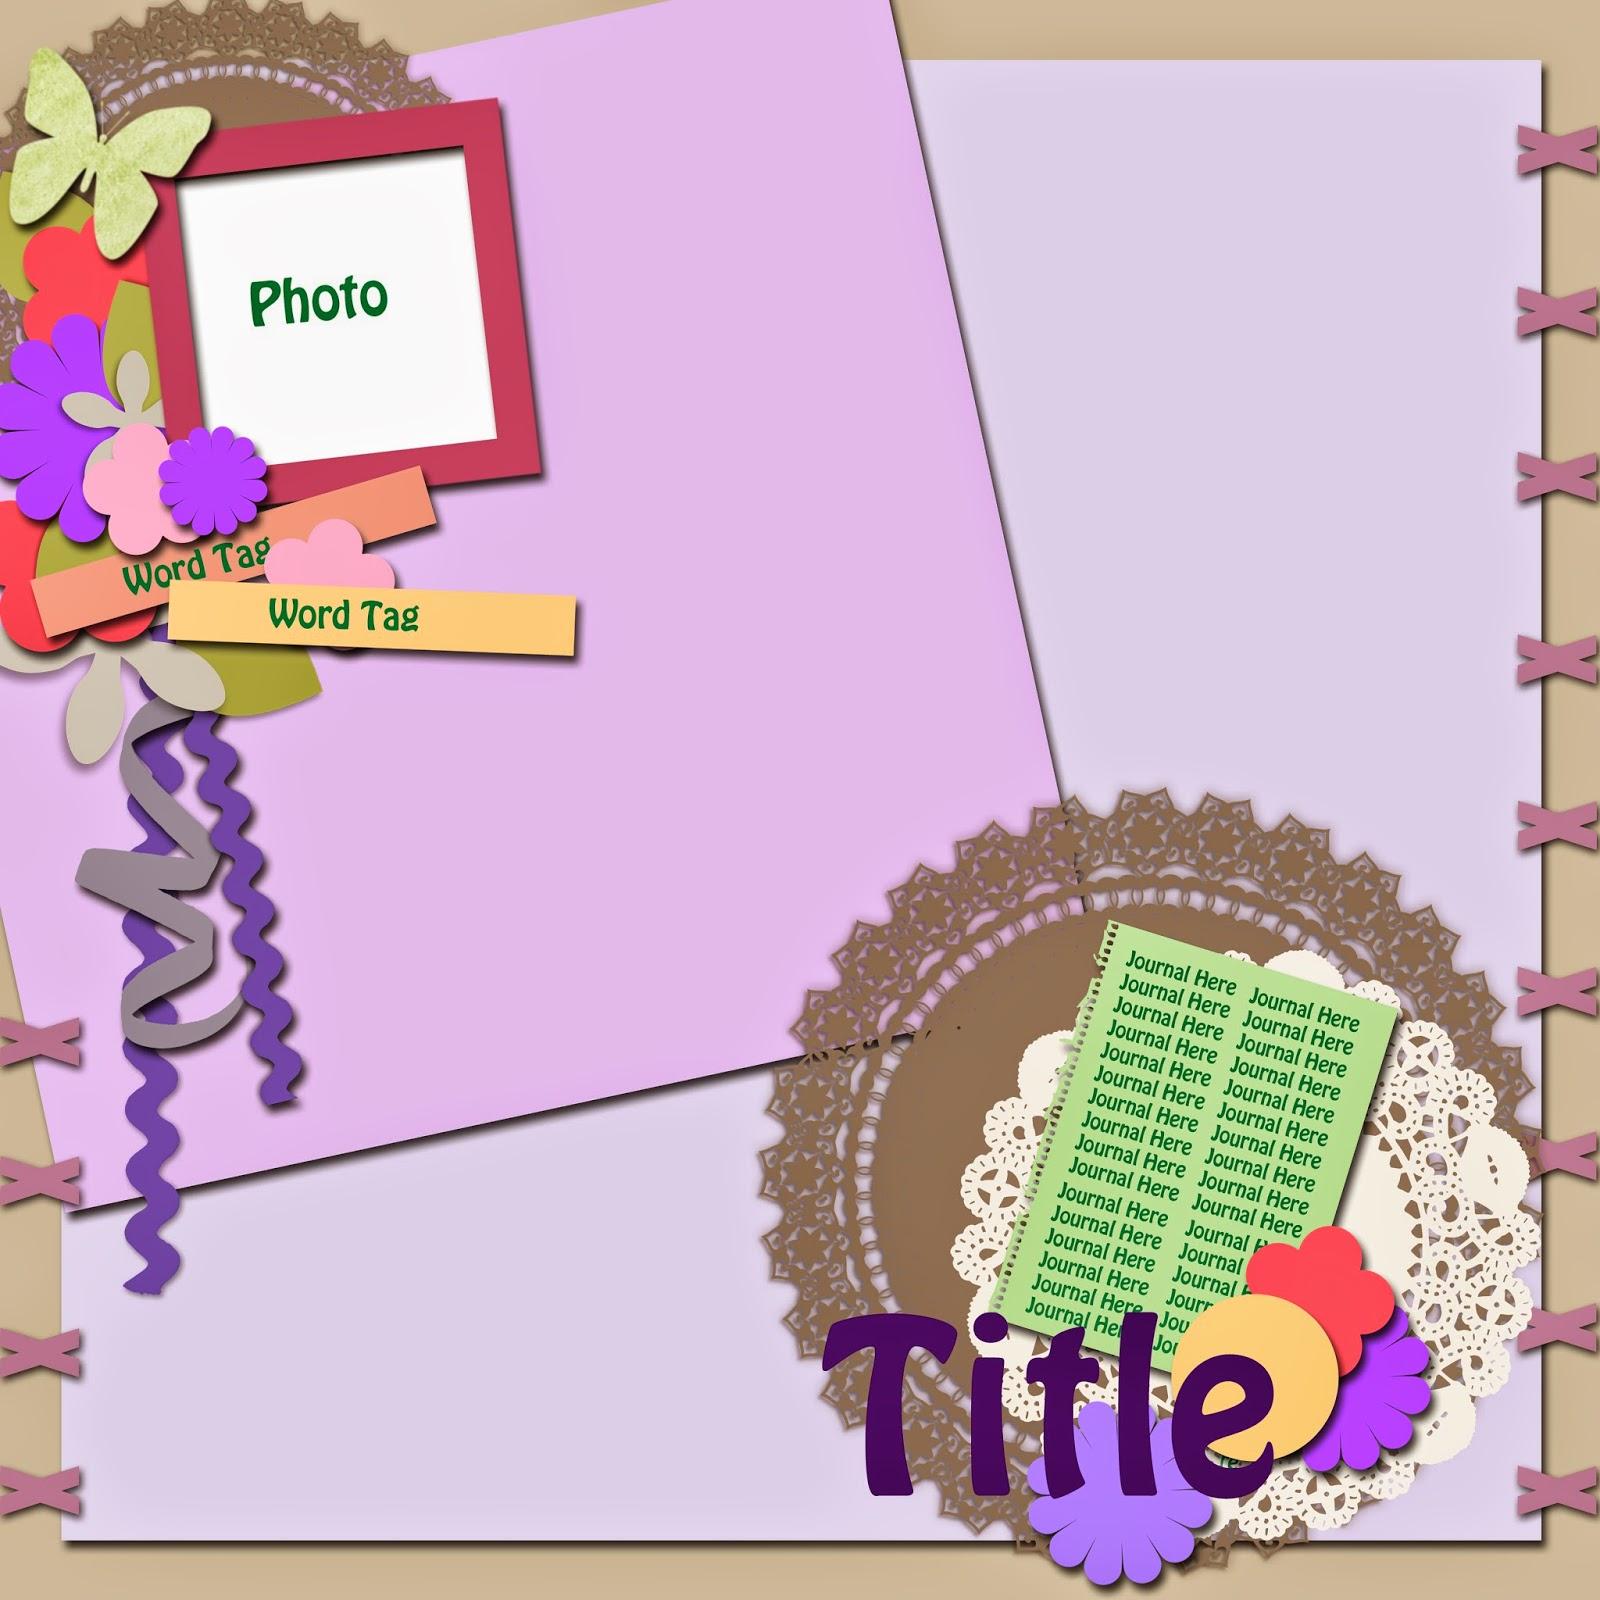 http://1.bp.blogspot.com/-x_D3-GxhAQY/U5SRULwVt8I/AAAAAAAAAh8/AMkeuBYkk7c/s1600/OklahomaDawn06_08_14_edited-1.jpg